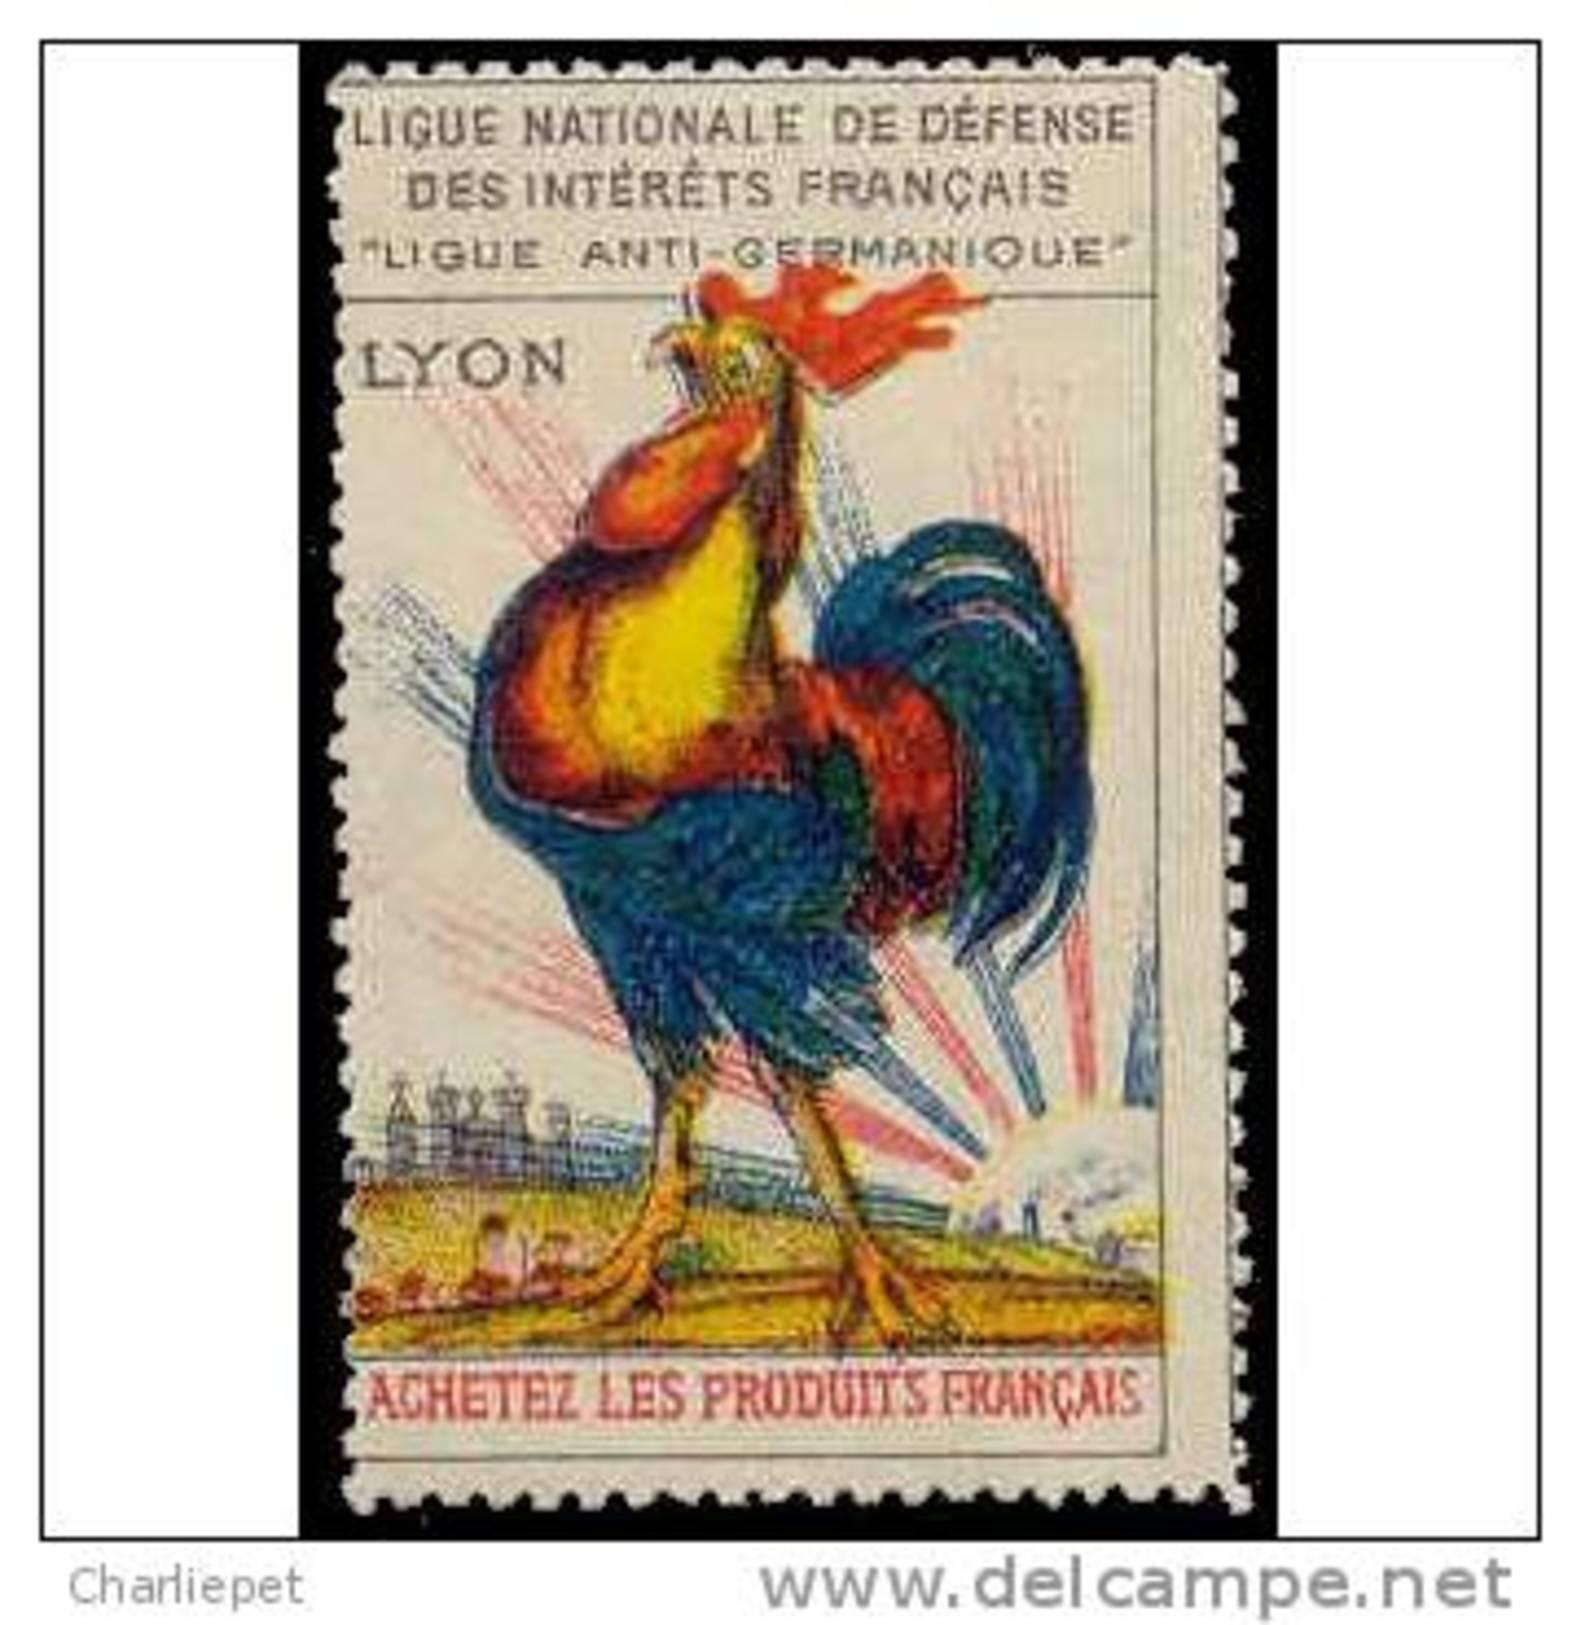 France WWI Women's Crusade Vignette Lyon Rooster Cinderella Poster Stamp - Commemorative Labels